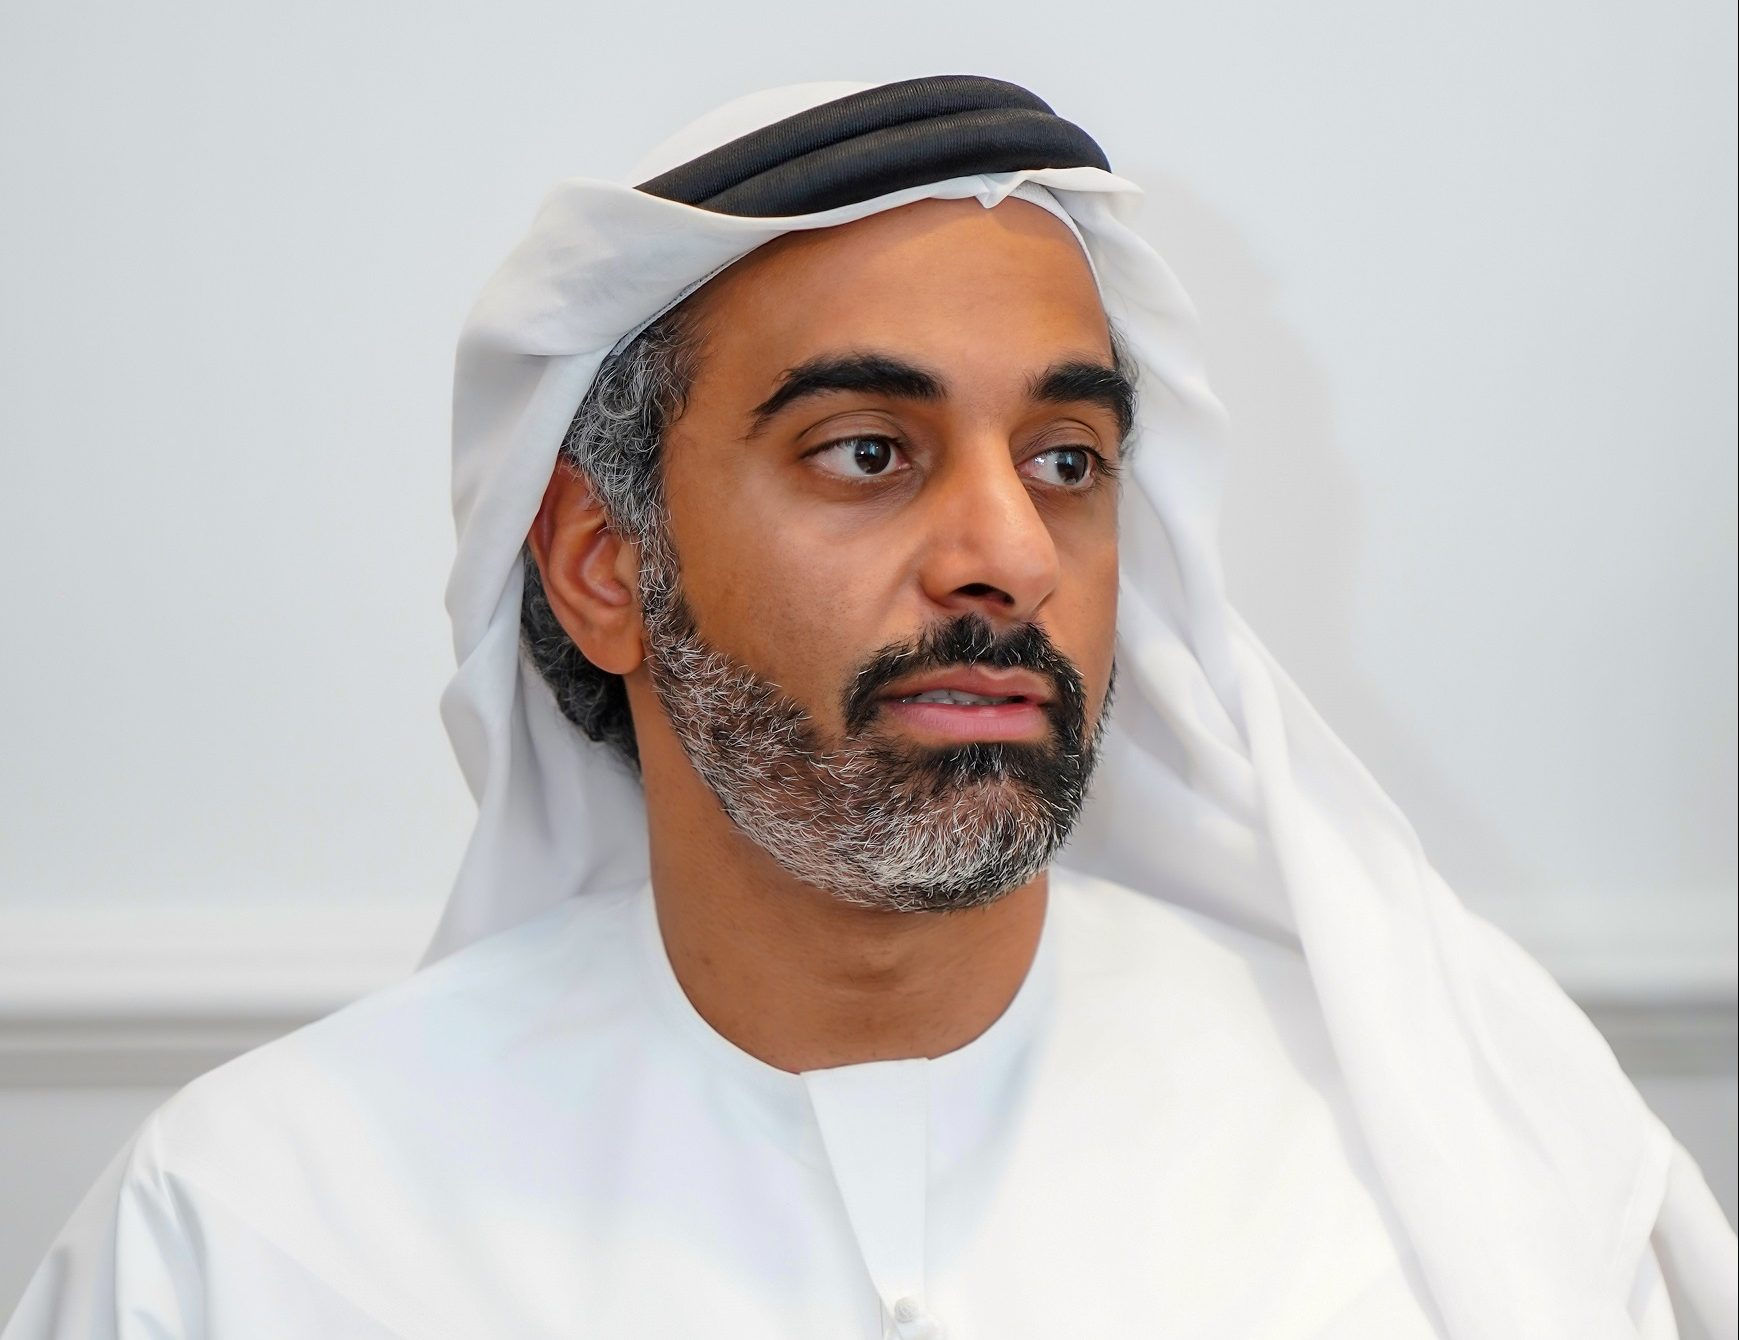 """اطلاق المجموعة العربية للماركات الفاخرة """" TALG""""  لإبتكار منتجات وسلع إماراتية بمواصفات عالمية"""